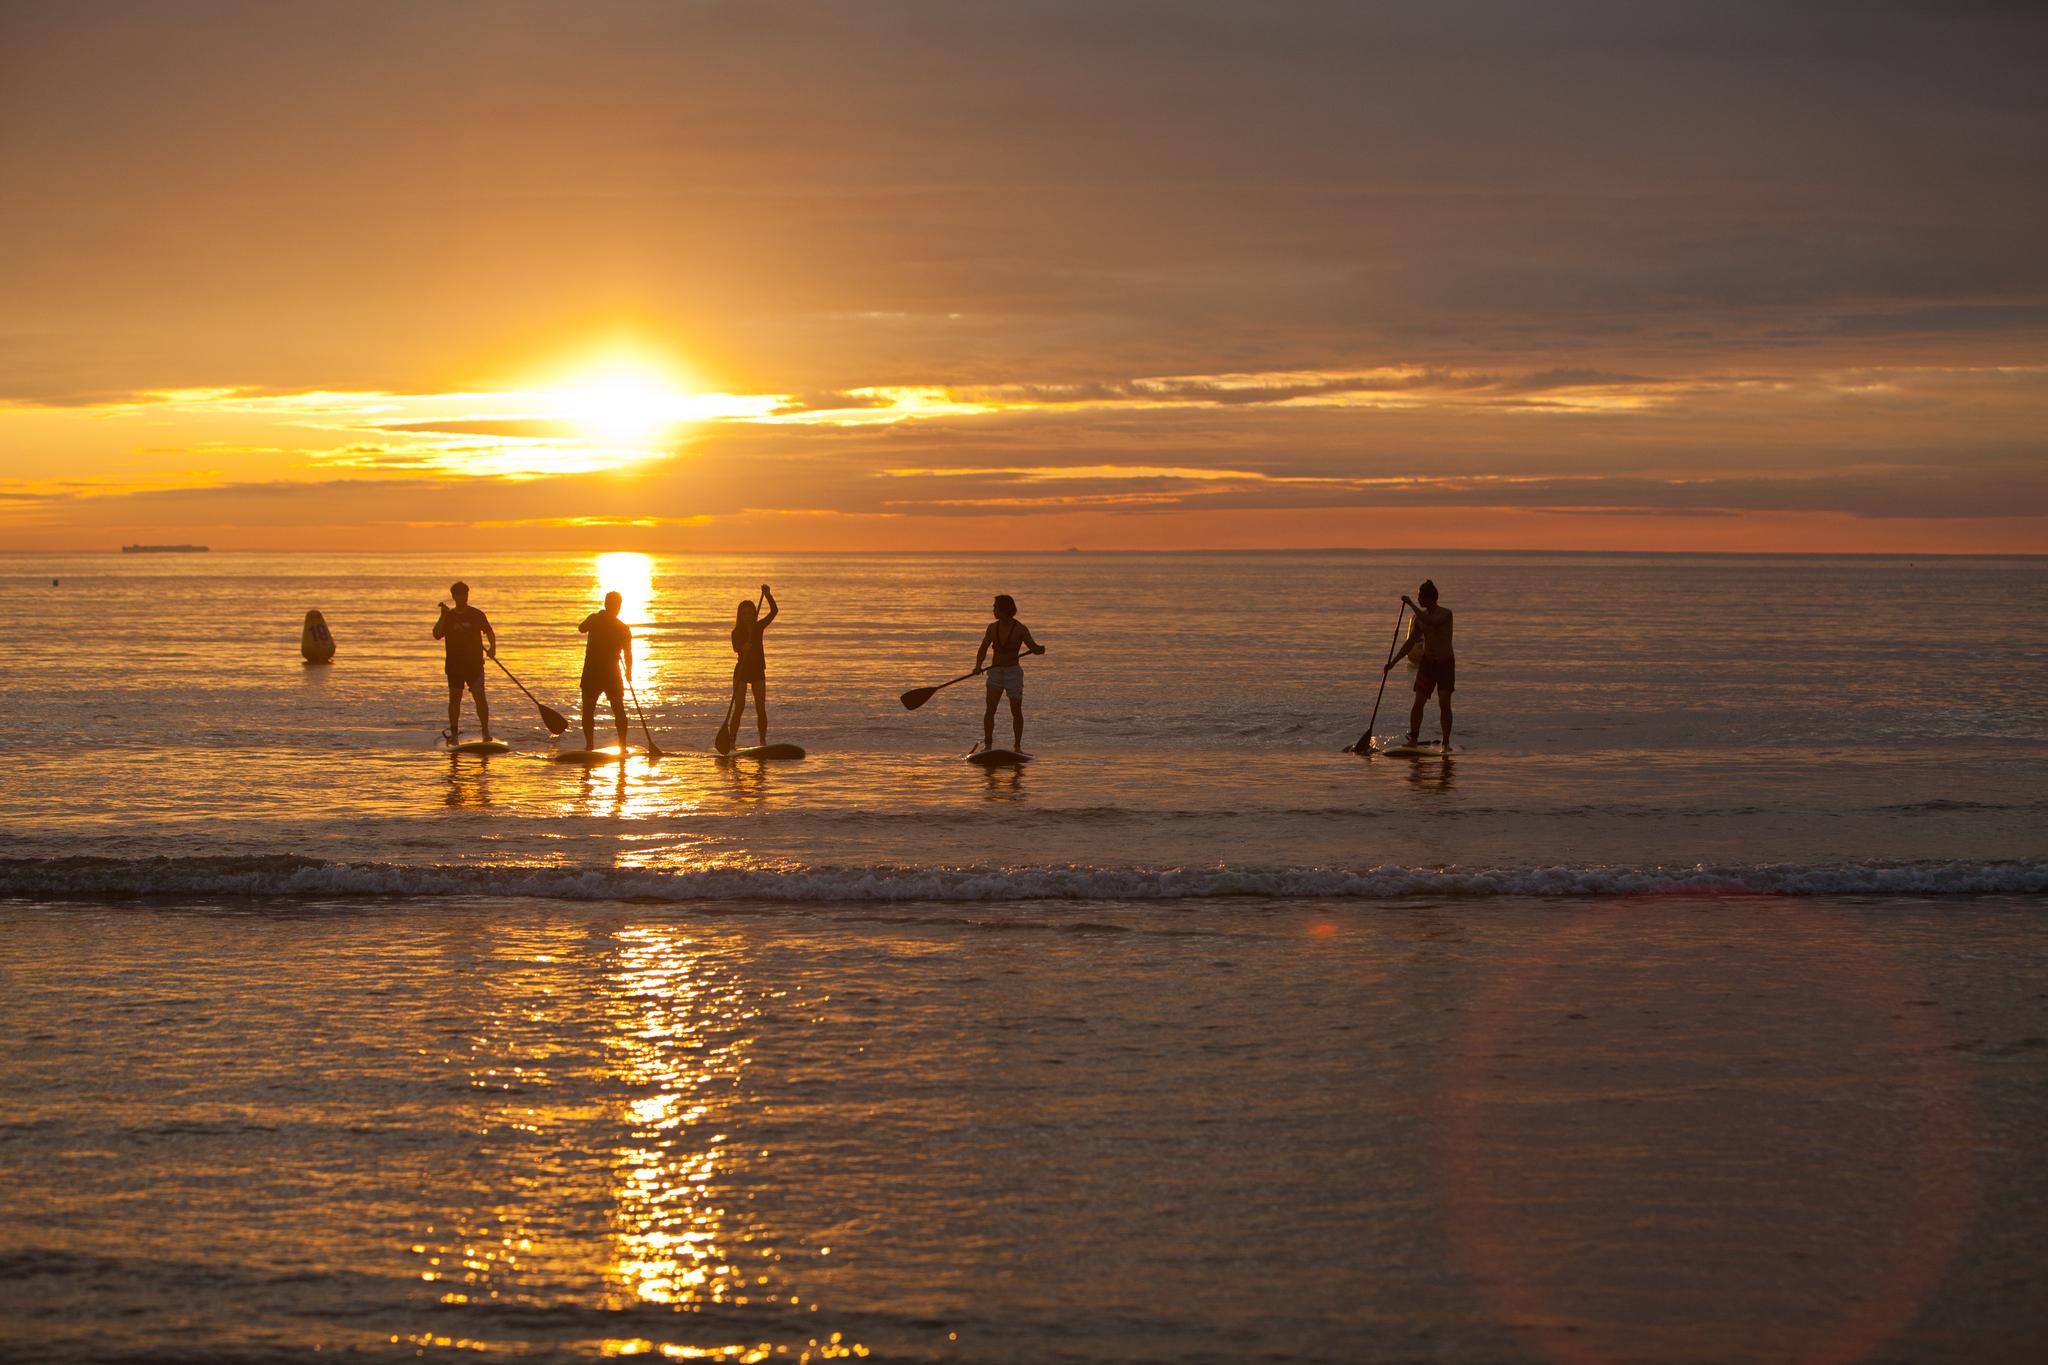 충남 태안 만리포 해수욕장에서 낙조를 감상하며 SUP를 즐기는 사람들. 만리포는 서핑 메카인 미국 캘리포니아와 분위기가 비슷하다 하여 '만리포니아'라는 별명을 얻었다. 최승표 기자